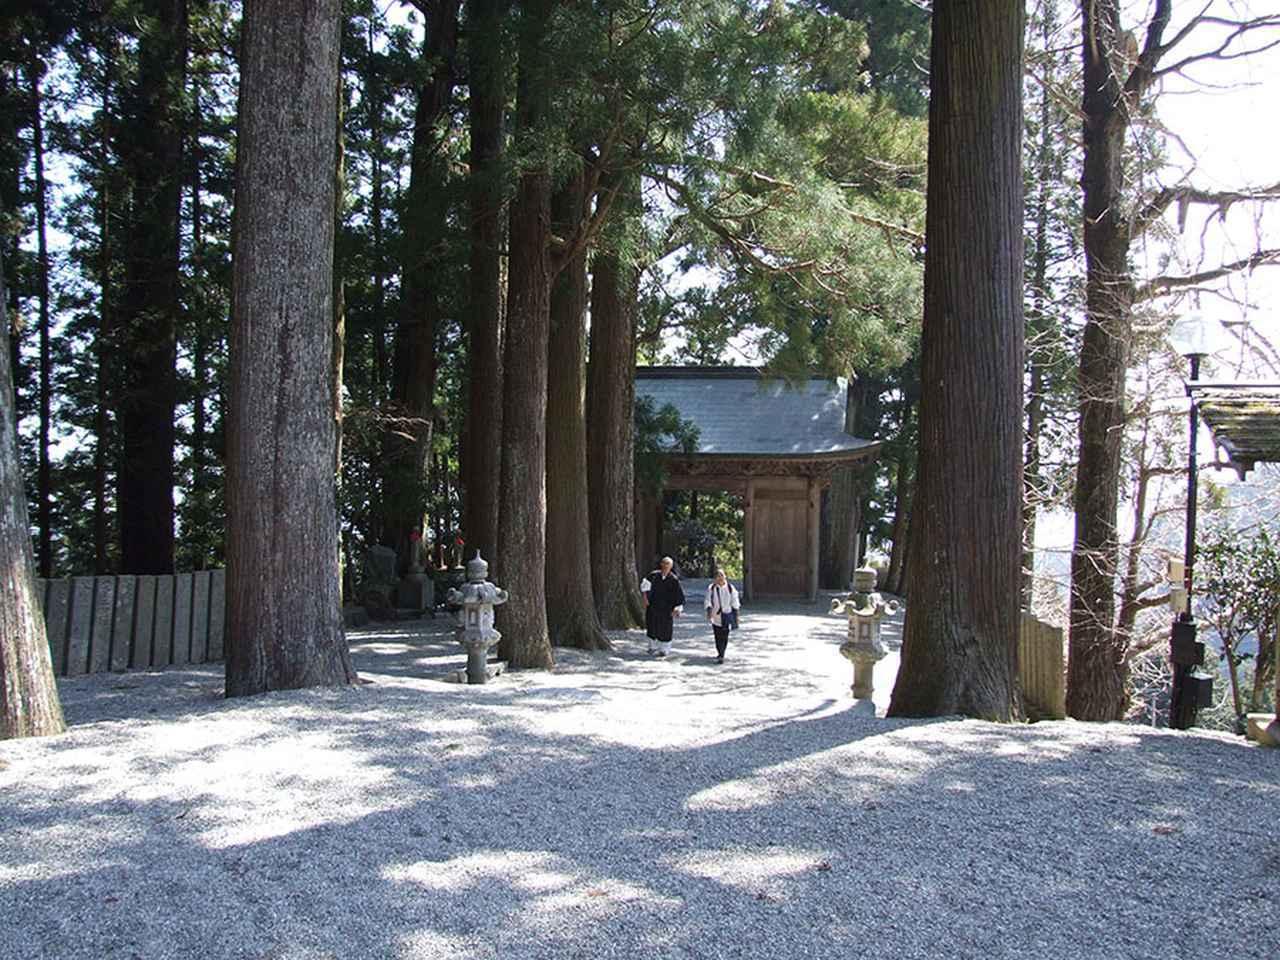 画像: 12番札所 焼山寺/札所では2番目に高い場所にある焼山寺。昔は険しい道だったが、今はクルマで行ける。参道や境内には樹齢数百年という杉の巨木が立ち並ぶ。